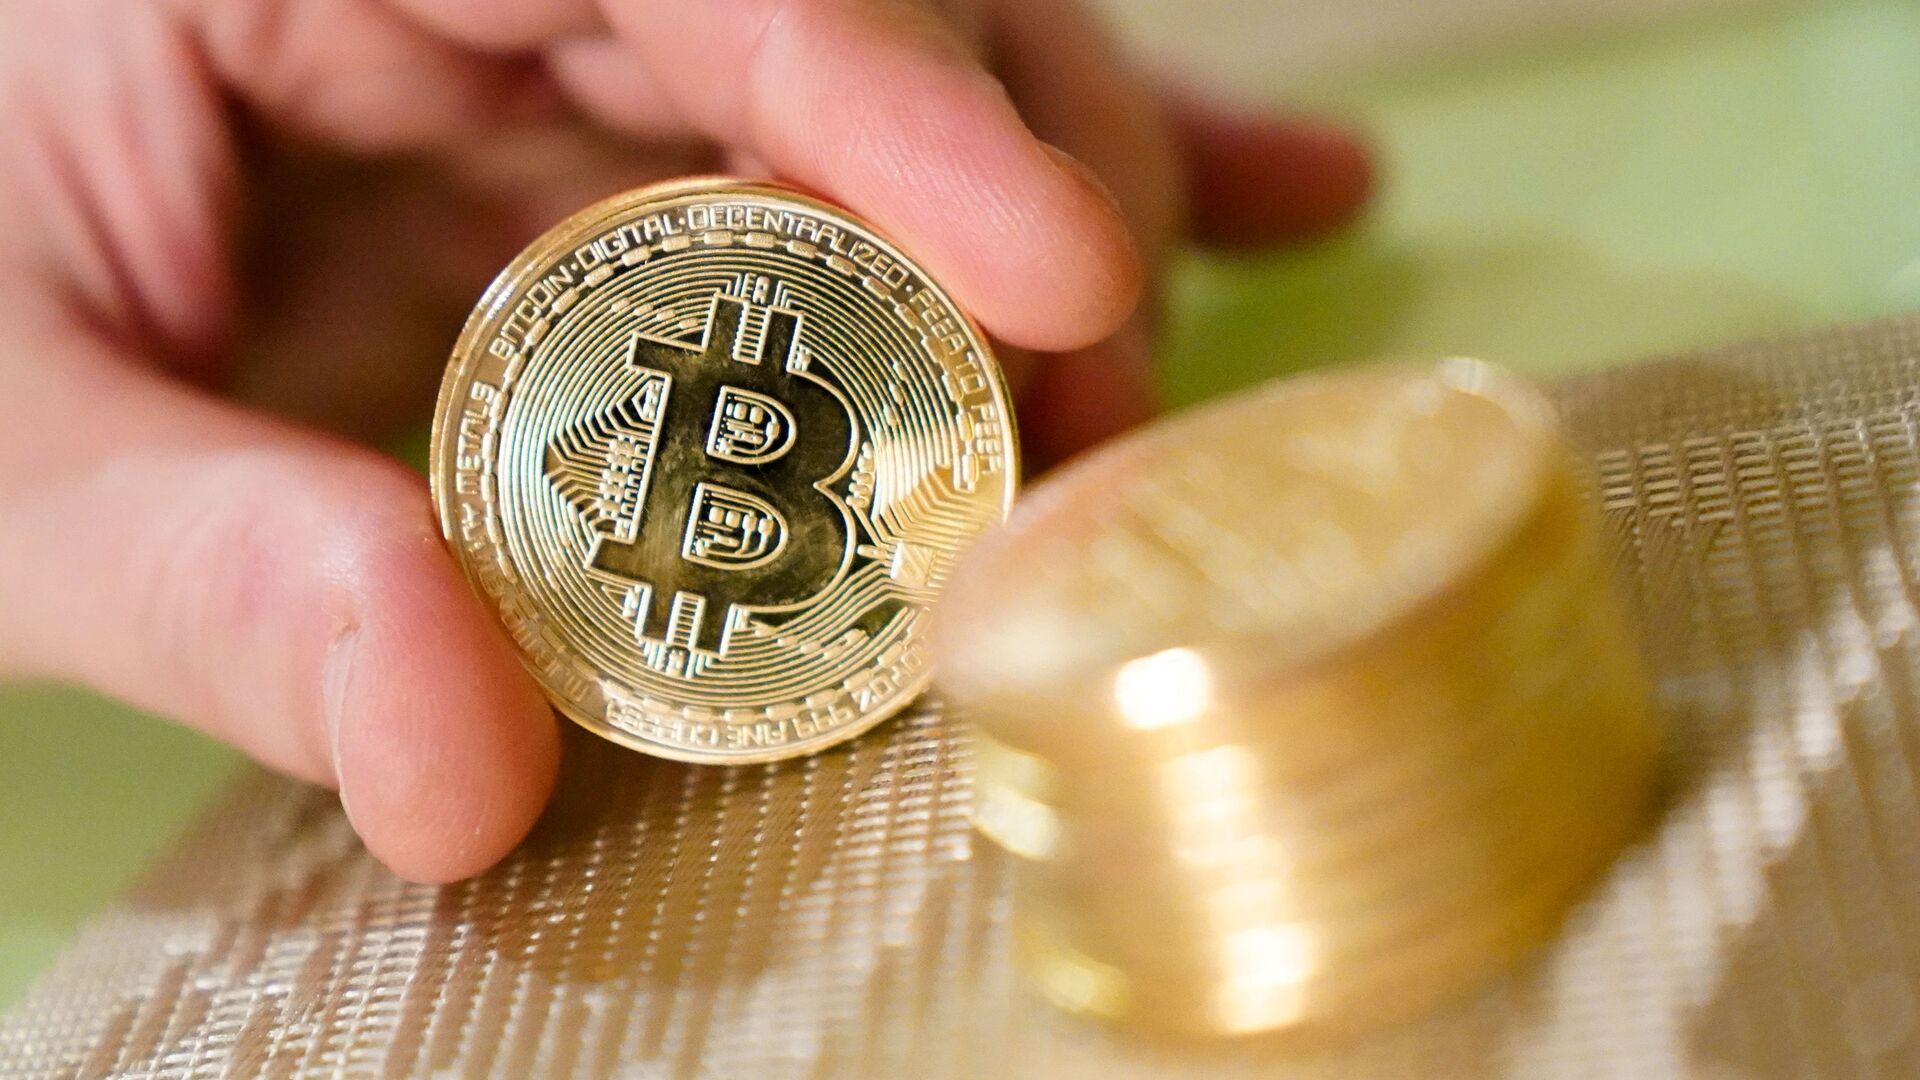 Сувенирные монеты с логотипами криптовалюты биткоин - Sputnik Армения, 1920, 24.09.2021